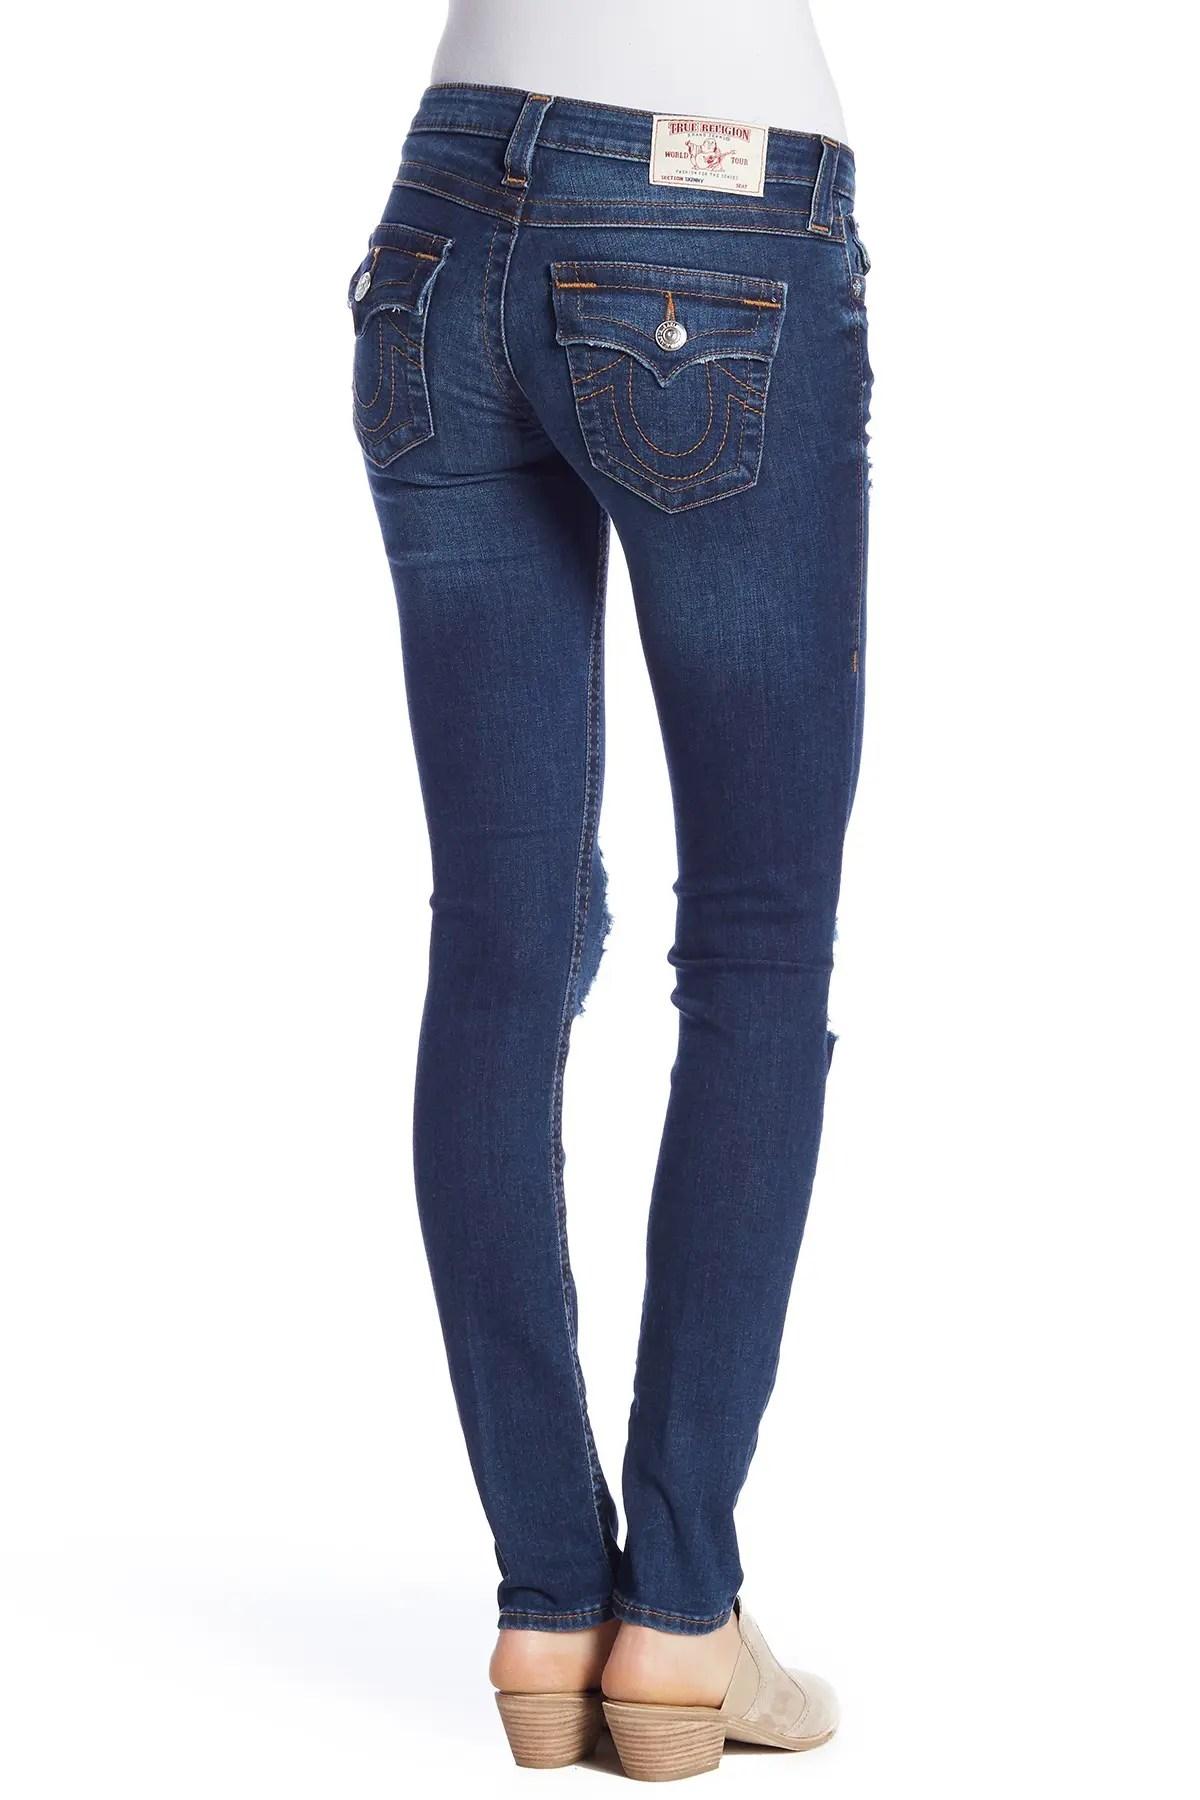 true religion flap pocket destroyed skinny jeans nordstrom rack